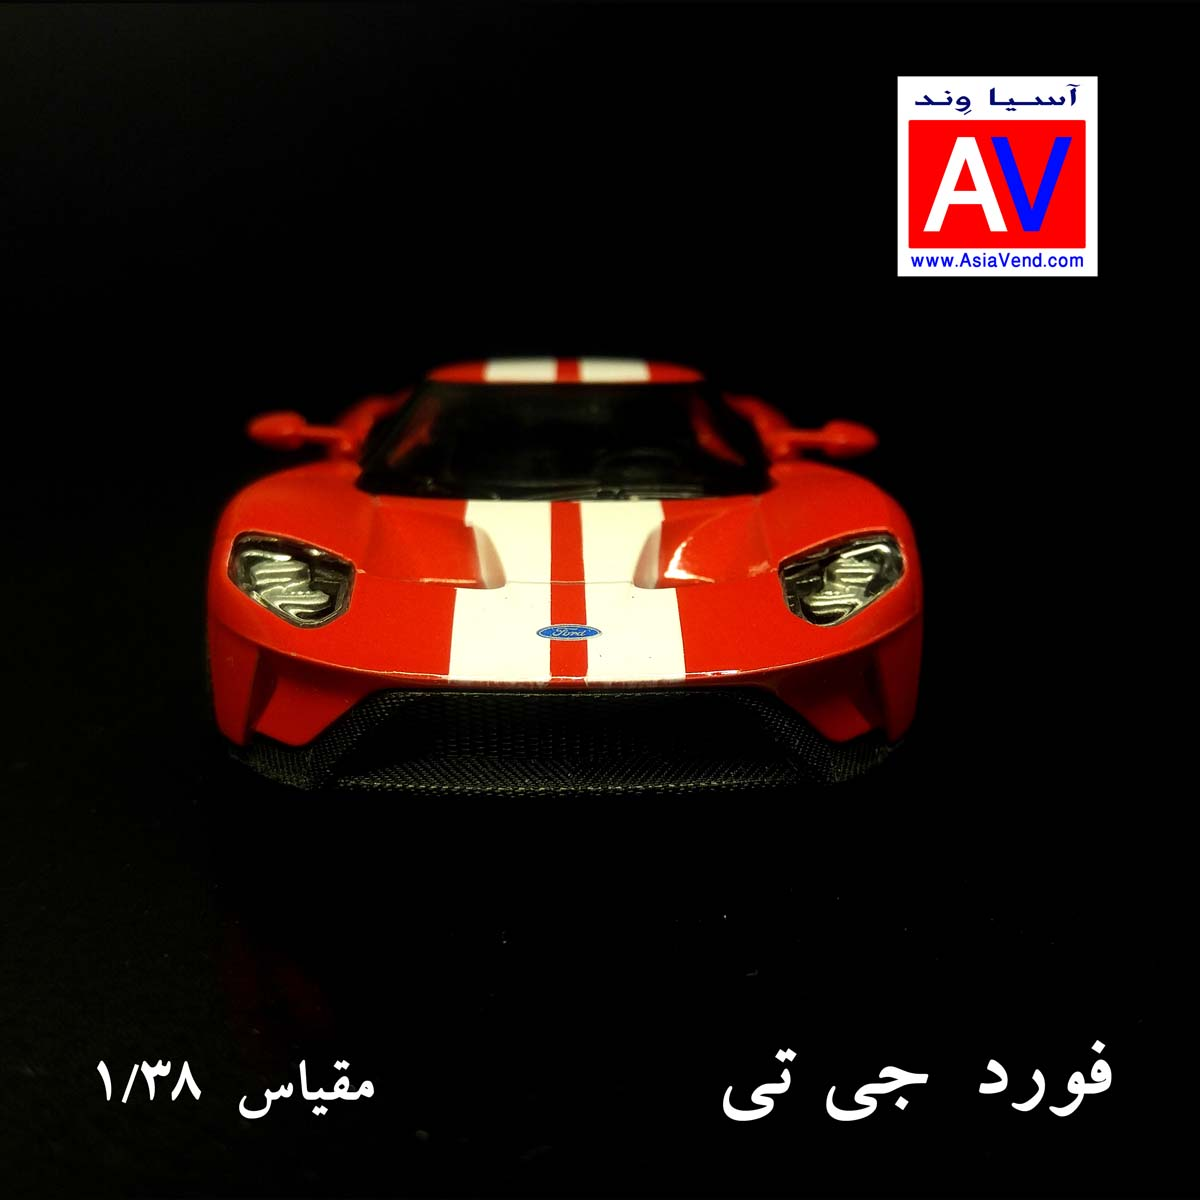 فروش ماکت شیراز خرید ارزان ماکت ماشین فلزی فورد مقیاس 1/32 رنگ قرمز Ford GT Model Car